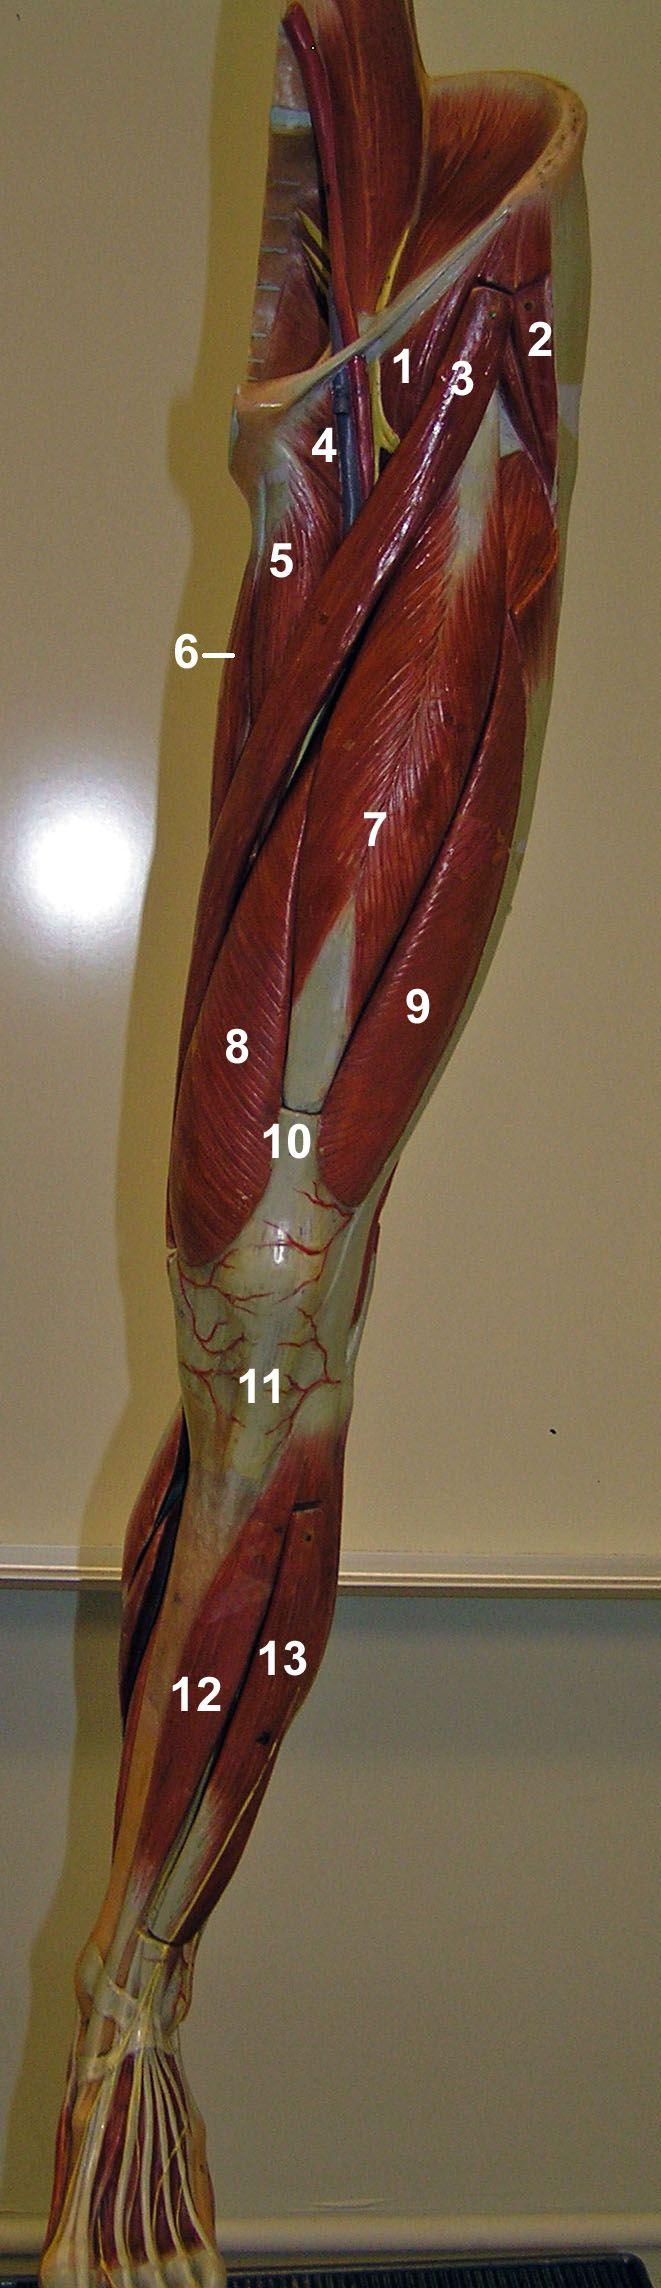 1 - Iliopsoas 2 - Tensor fascia Latae 3 - Sartorius 4 - Pectineus 5 - Adductor longus 6 - Gracilis 7 - Rectus femoris (vastus intermedius is deep) 8 - Vastus medialis 9 - Vastus lateralis 10 - Quadriceps tendon 11 - Patellar ligament 12 - Tibialis anterior 13 - Extensor digitorum longus